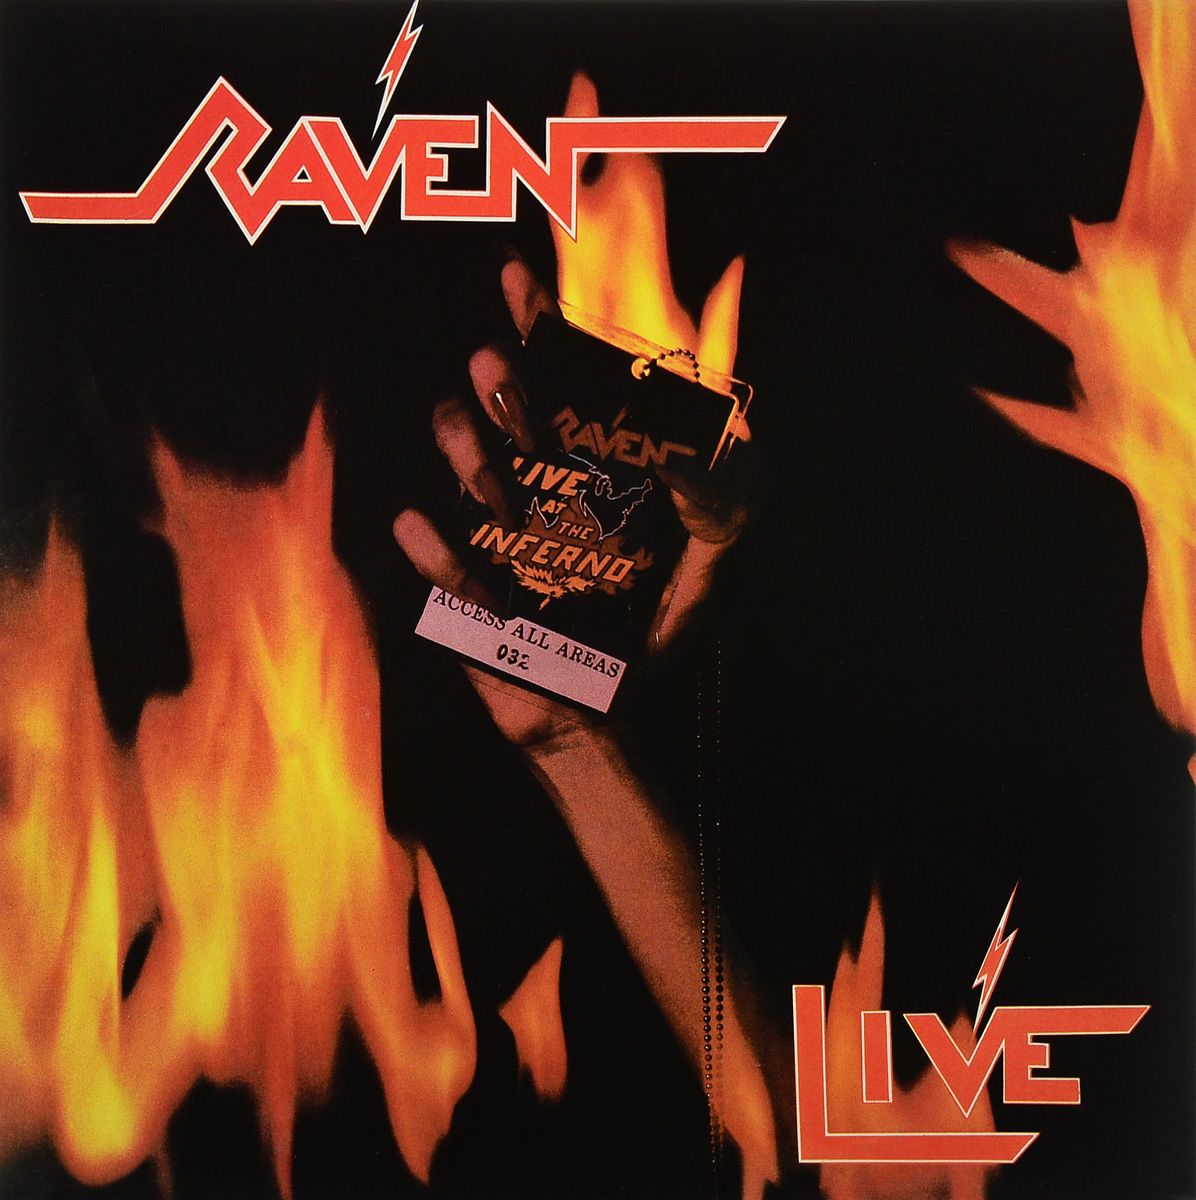 цена на Raven Raven. Live At The Inferno (2 LP)